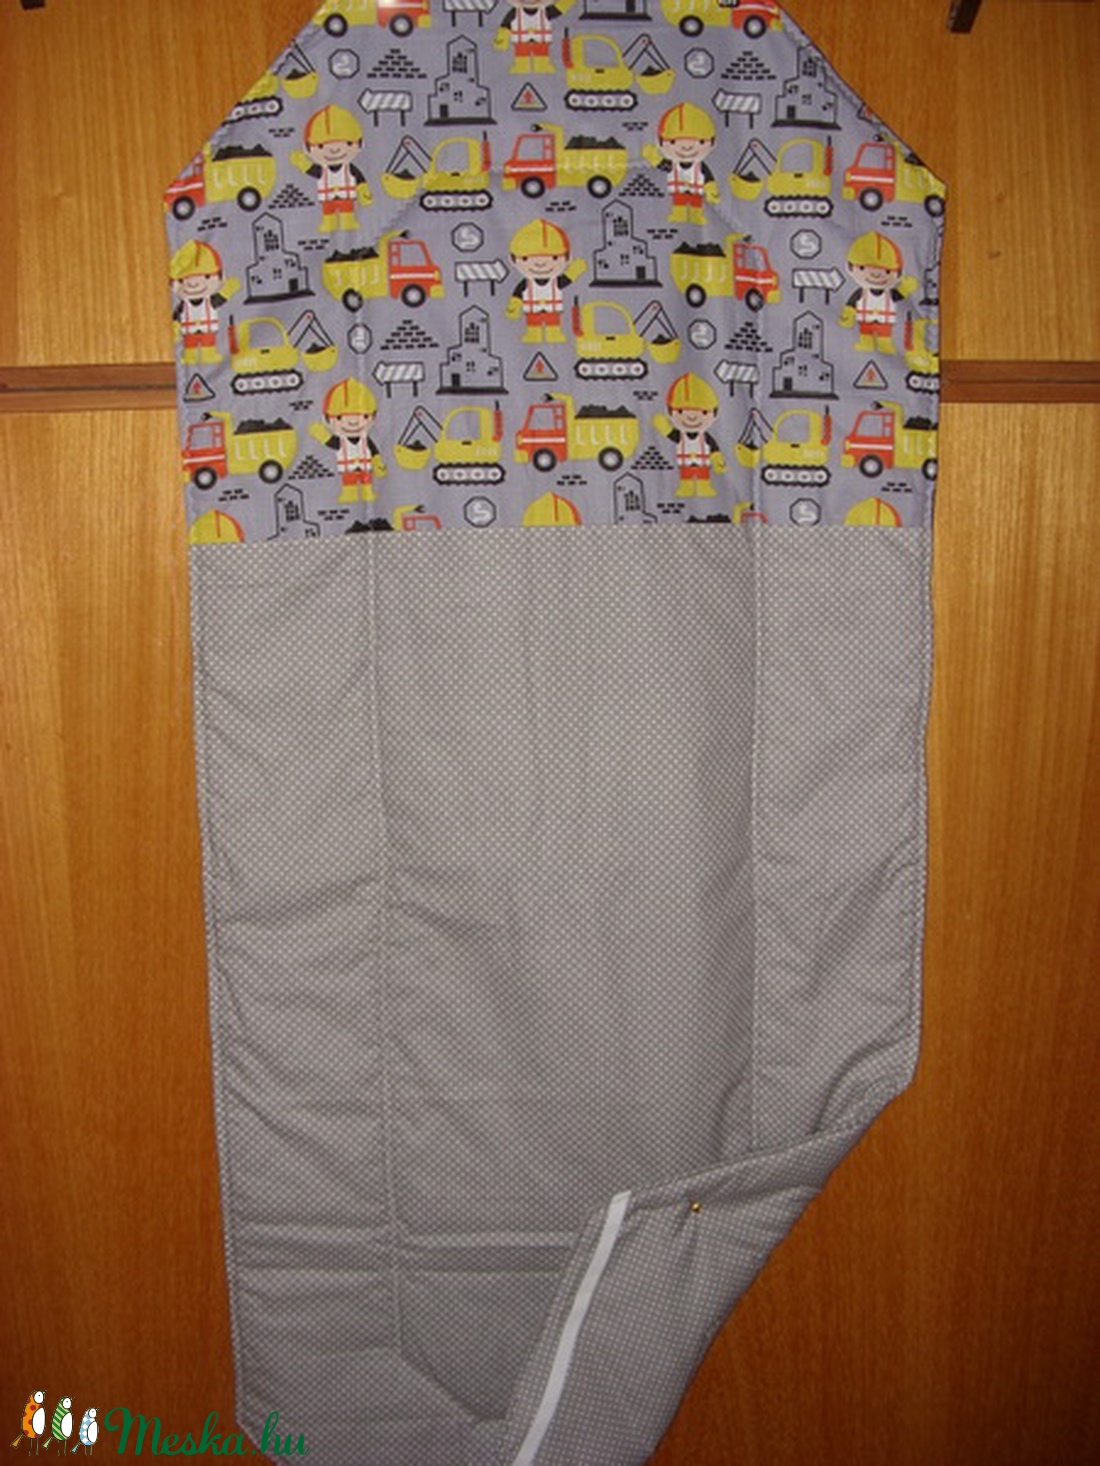 5 db-os Nagy ovis kellék csajos csomag - ágyneműhuzat vagy bélelt ágynemű, derékalj lepedő,,ruha - és torna zsák szett - játék & gyerek - Meska.hu